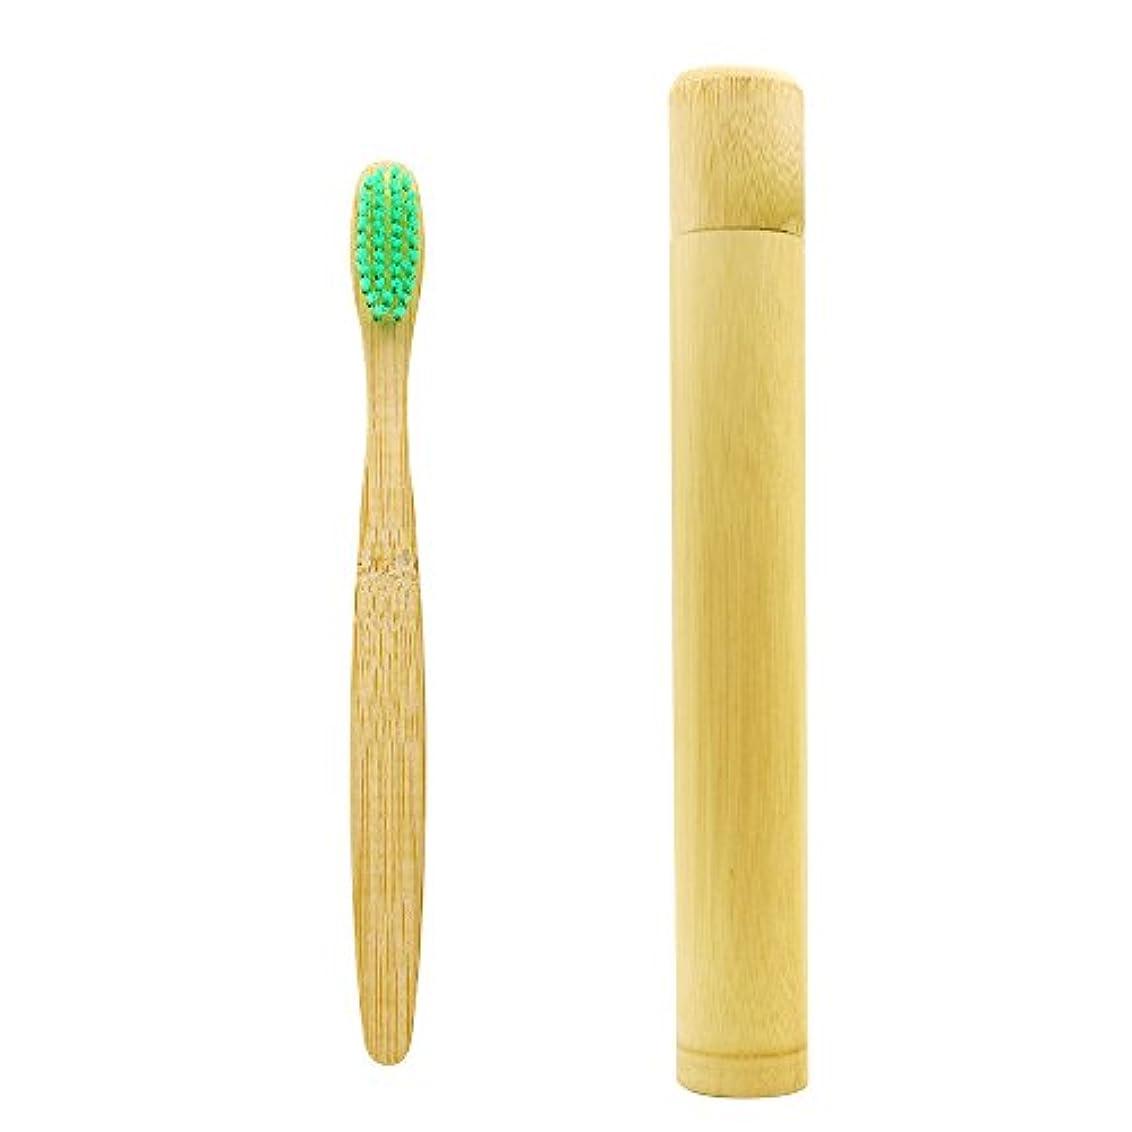 お尻ペルセウス屈辱するN-amboo 歯ブラシ ケース付き 竹製 高耐久性 出張旅行携帯便利 エコ